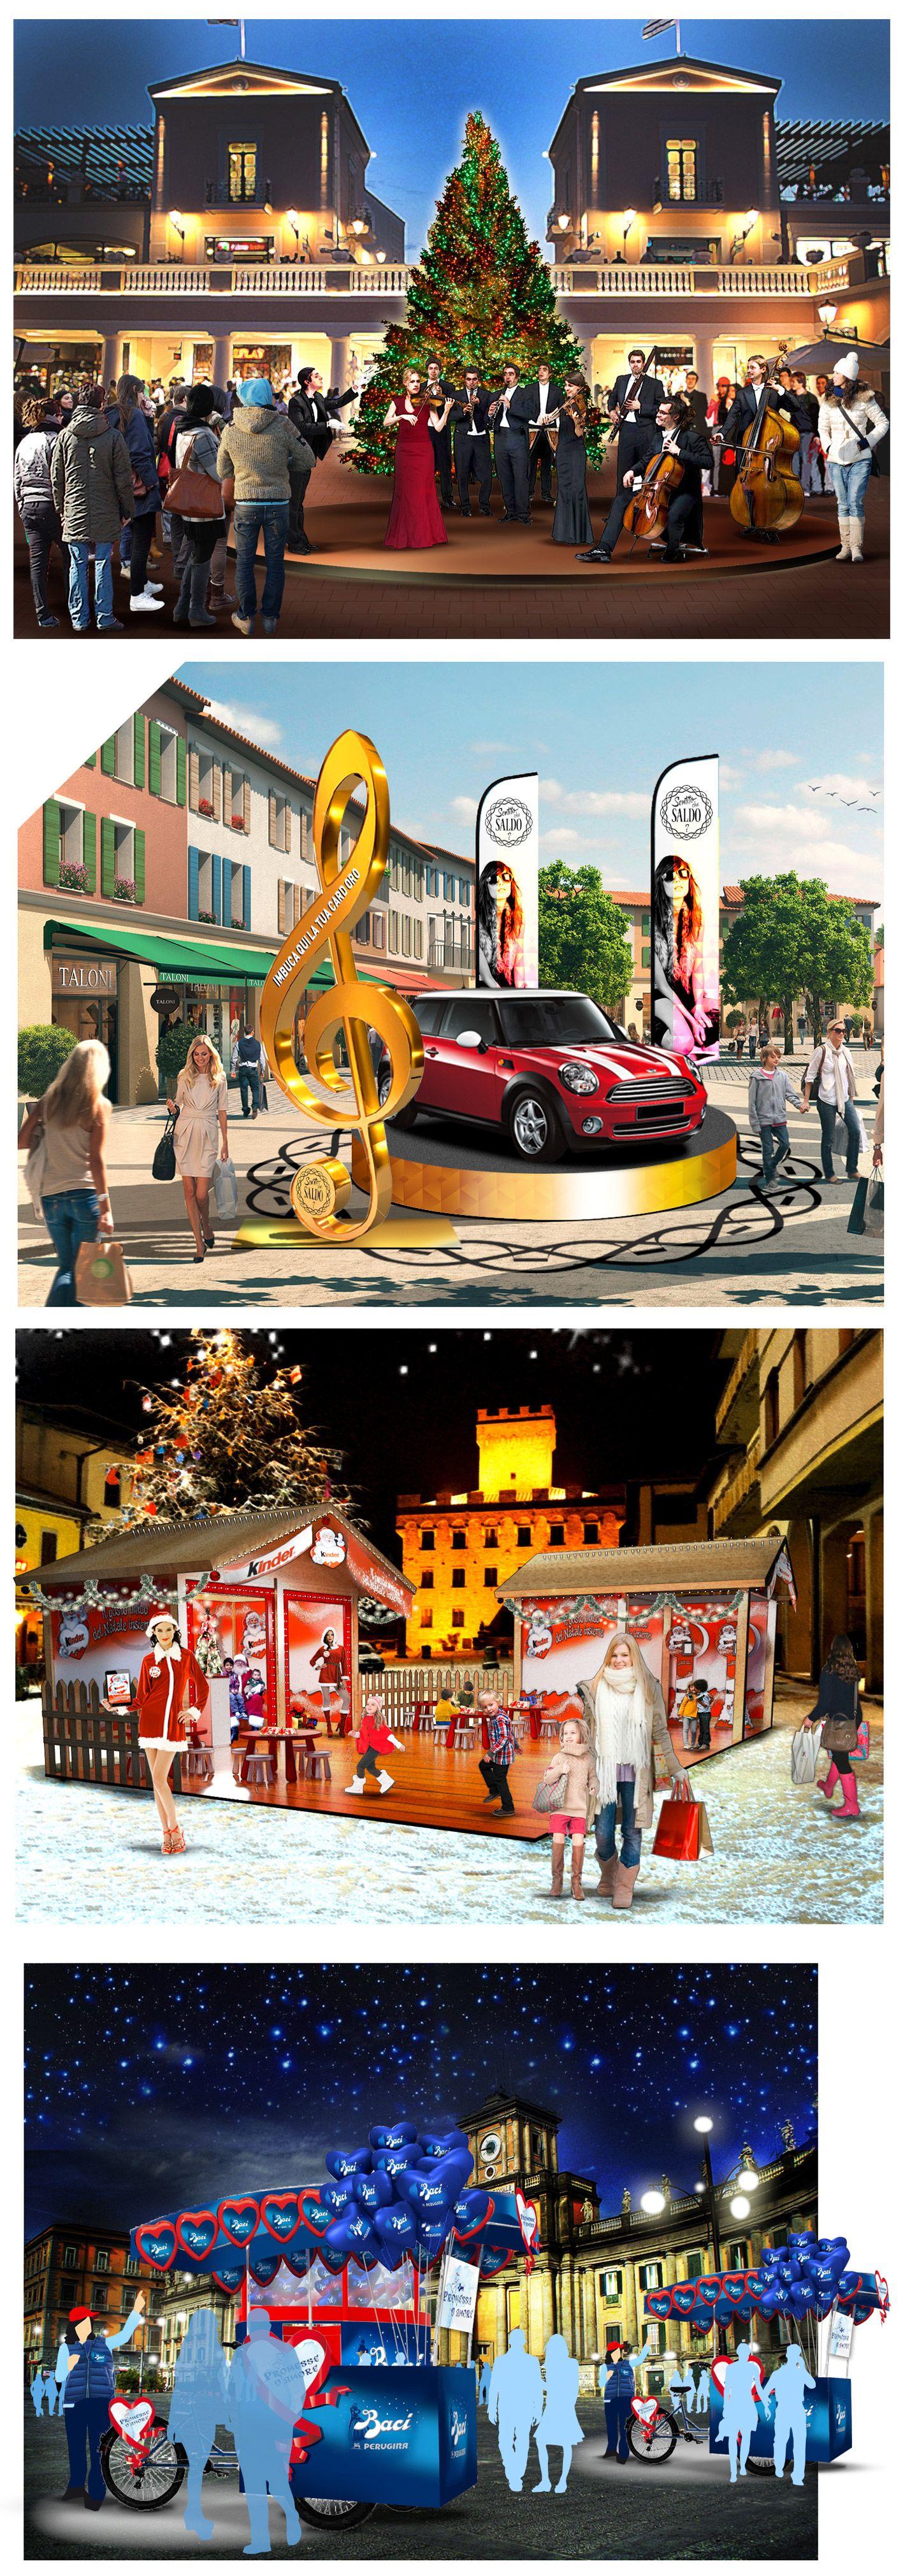 various holiday visuals